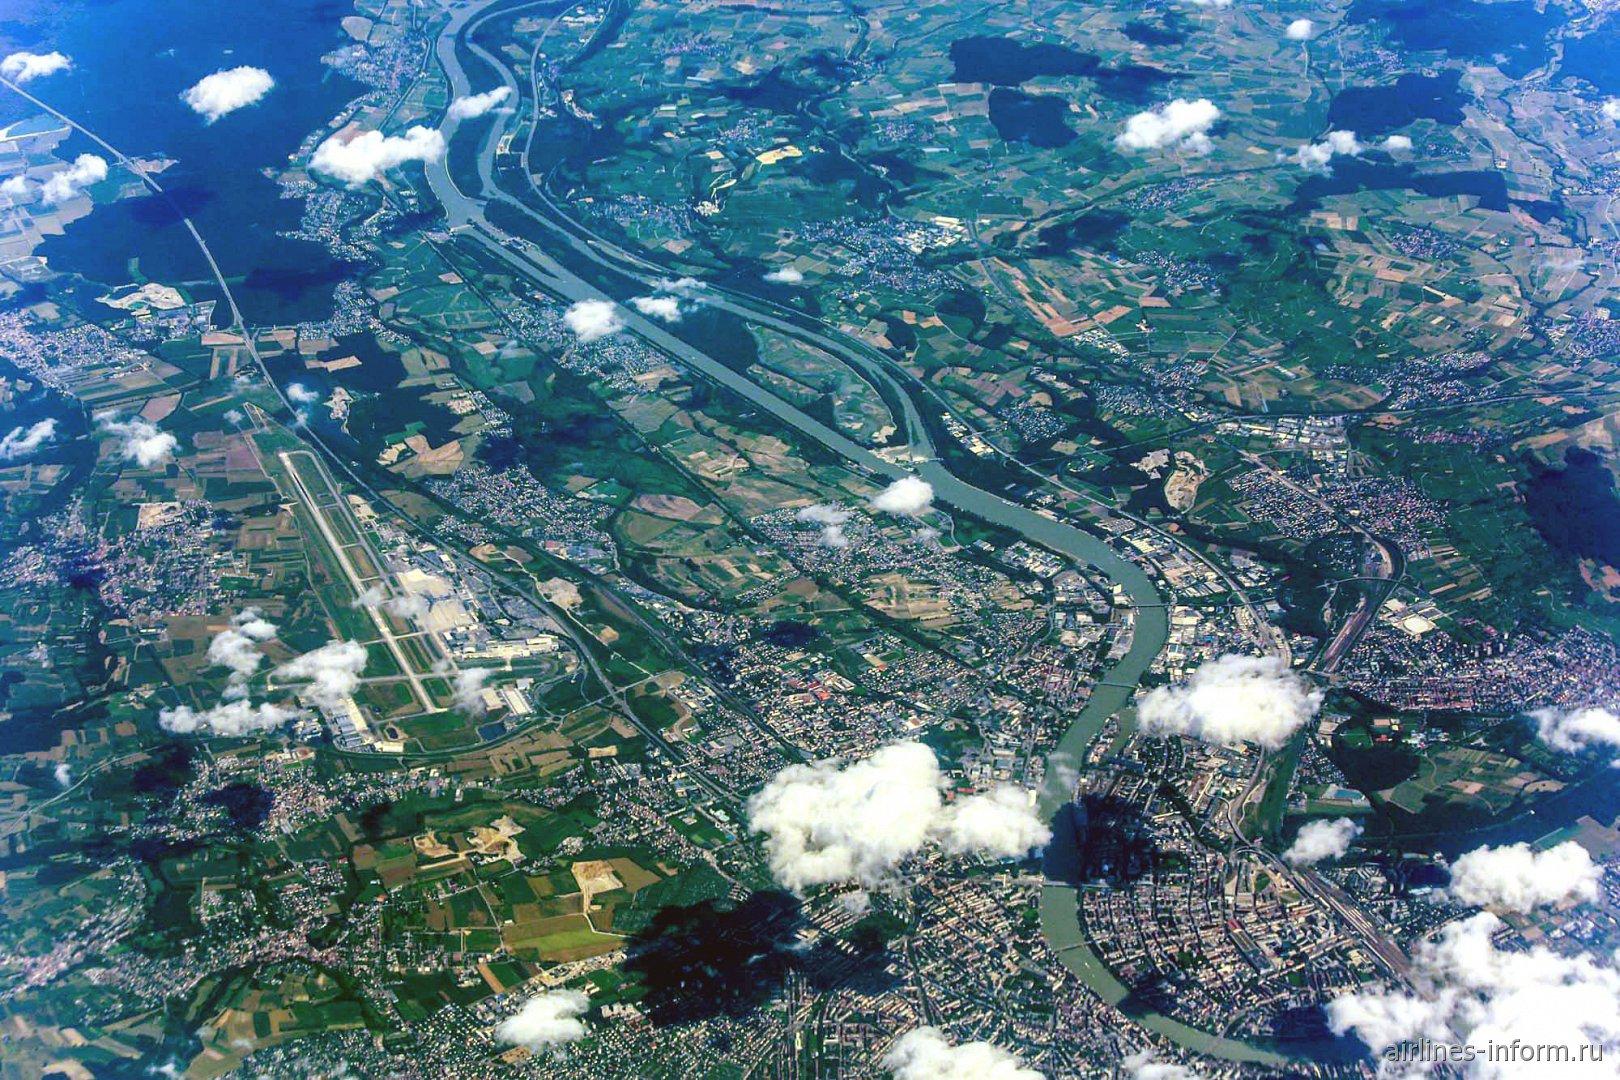 Город Базель и Евроаэропорт на границе Швейцарии, Германии и Франции